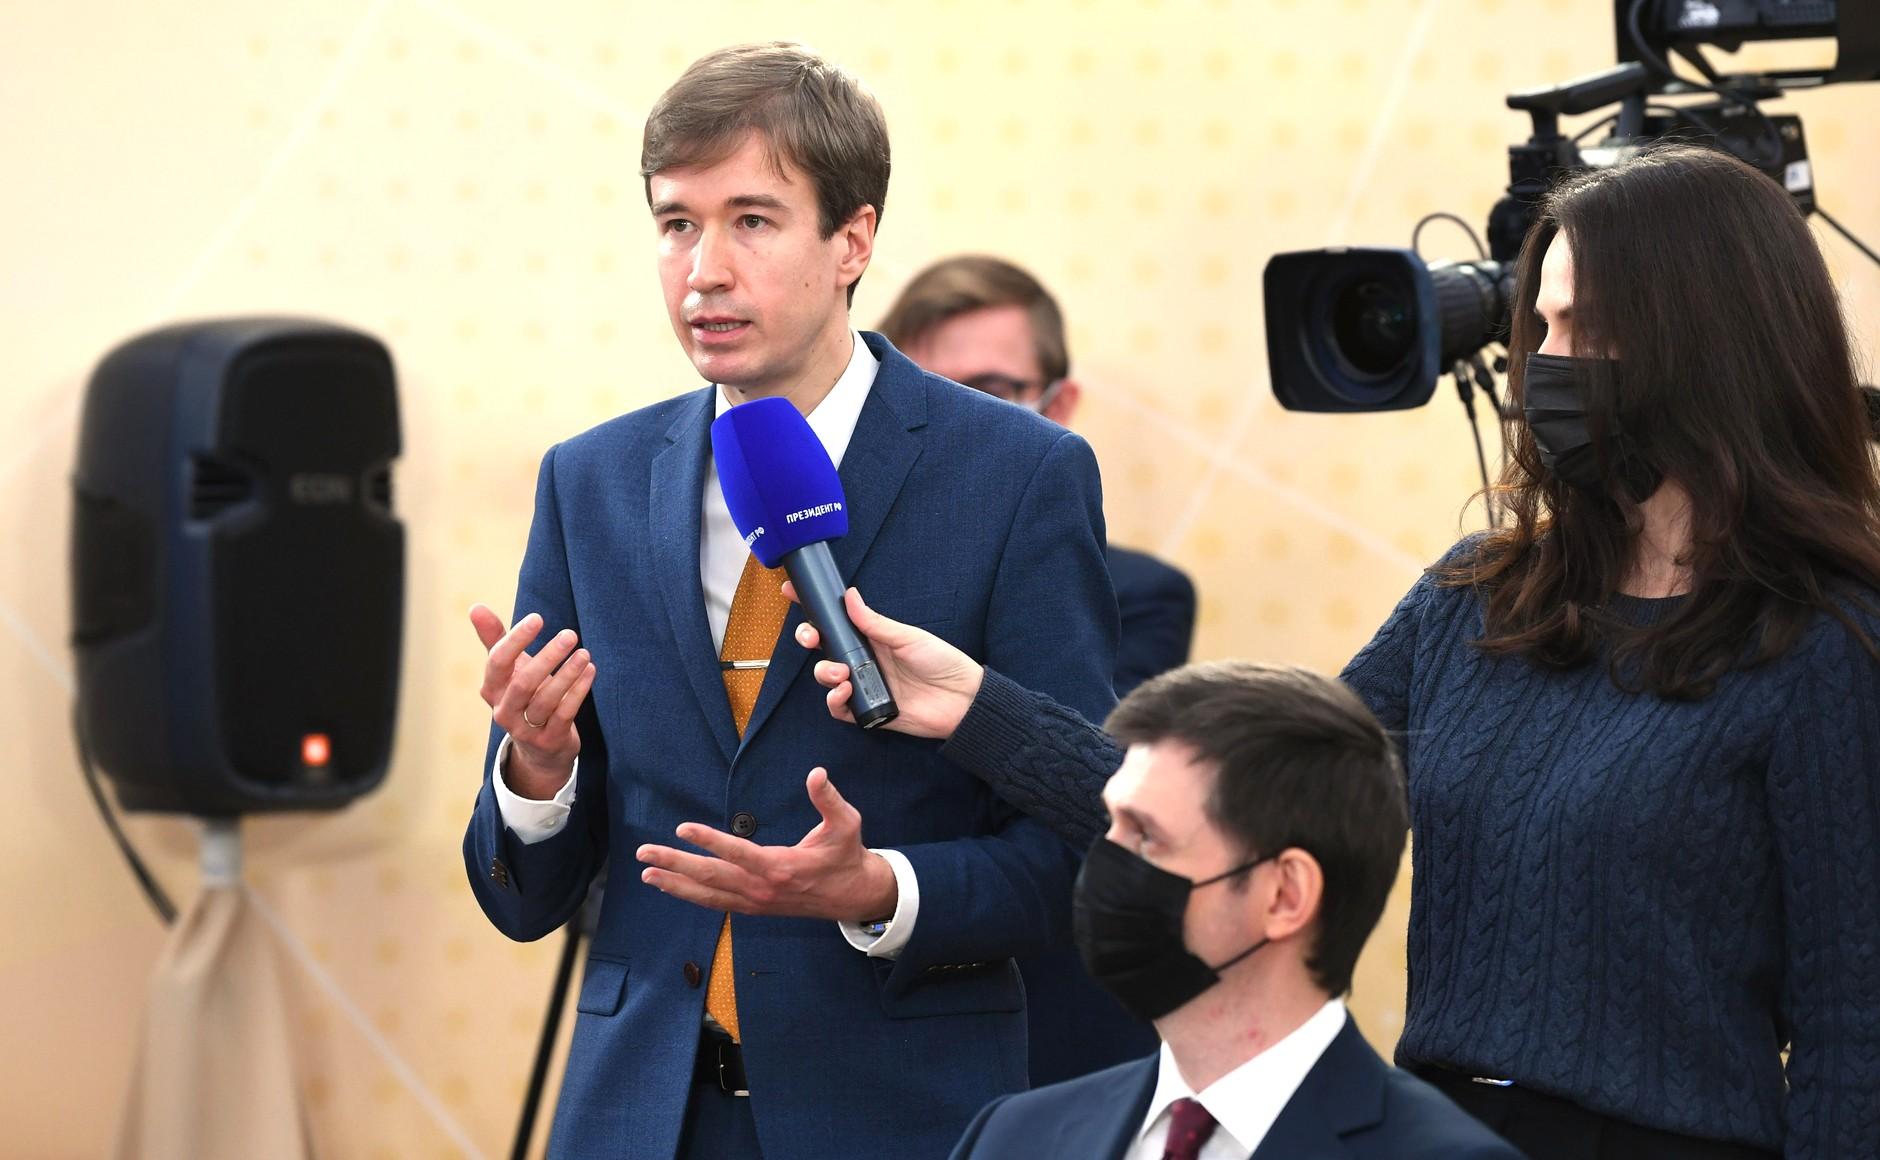 RUSSIE 17.12.2020.CONFERENCE 24 XX 66 Avant le début de la conférence de presse annuelle de Vladimir Poutine.